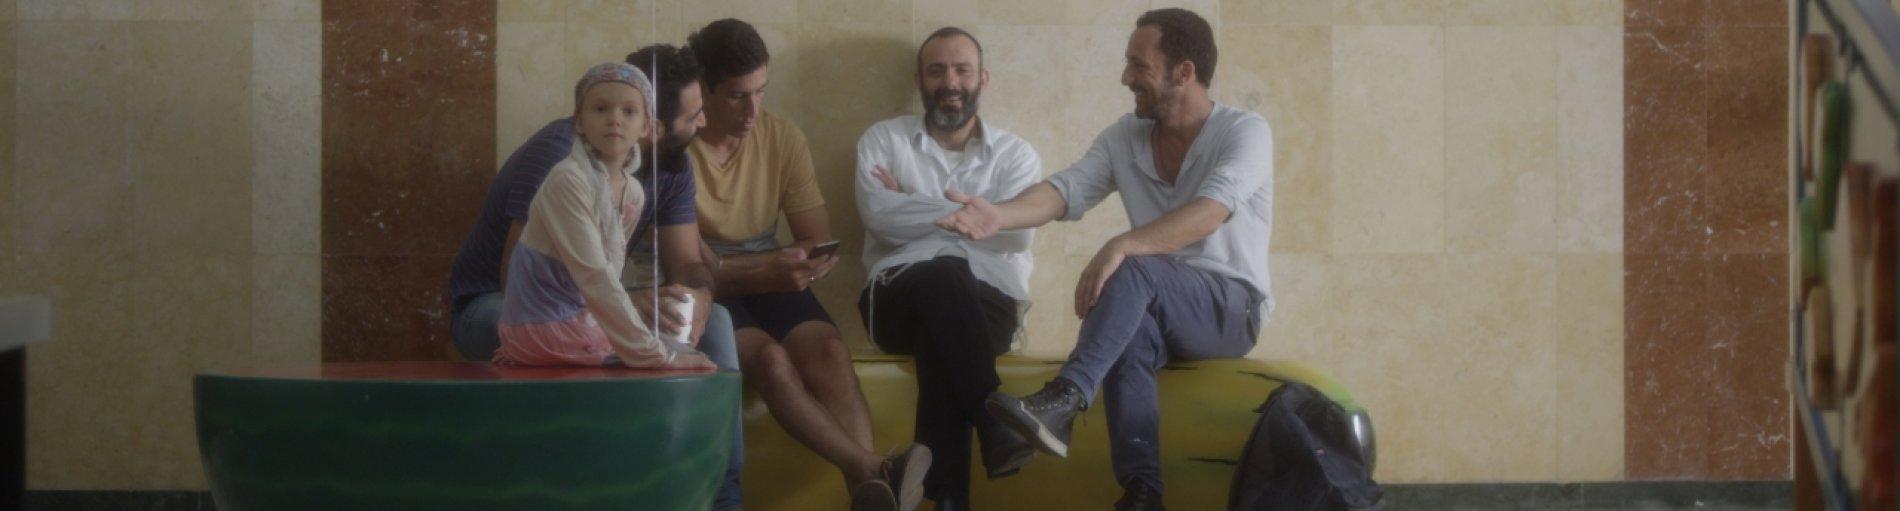 Vier Männer sitzen und unterhalten sich miteinander, während ein Mädchen neben ihnen sitzt mit einem hellblauen Luftballon in der Hand.